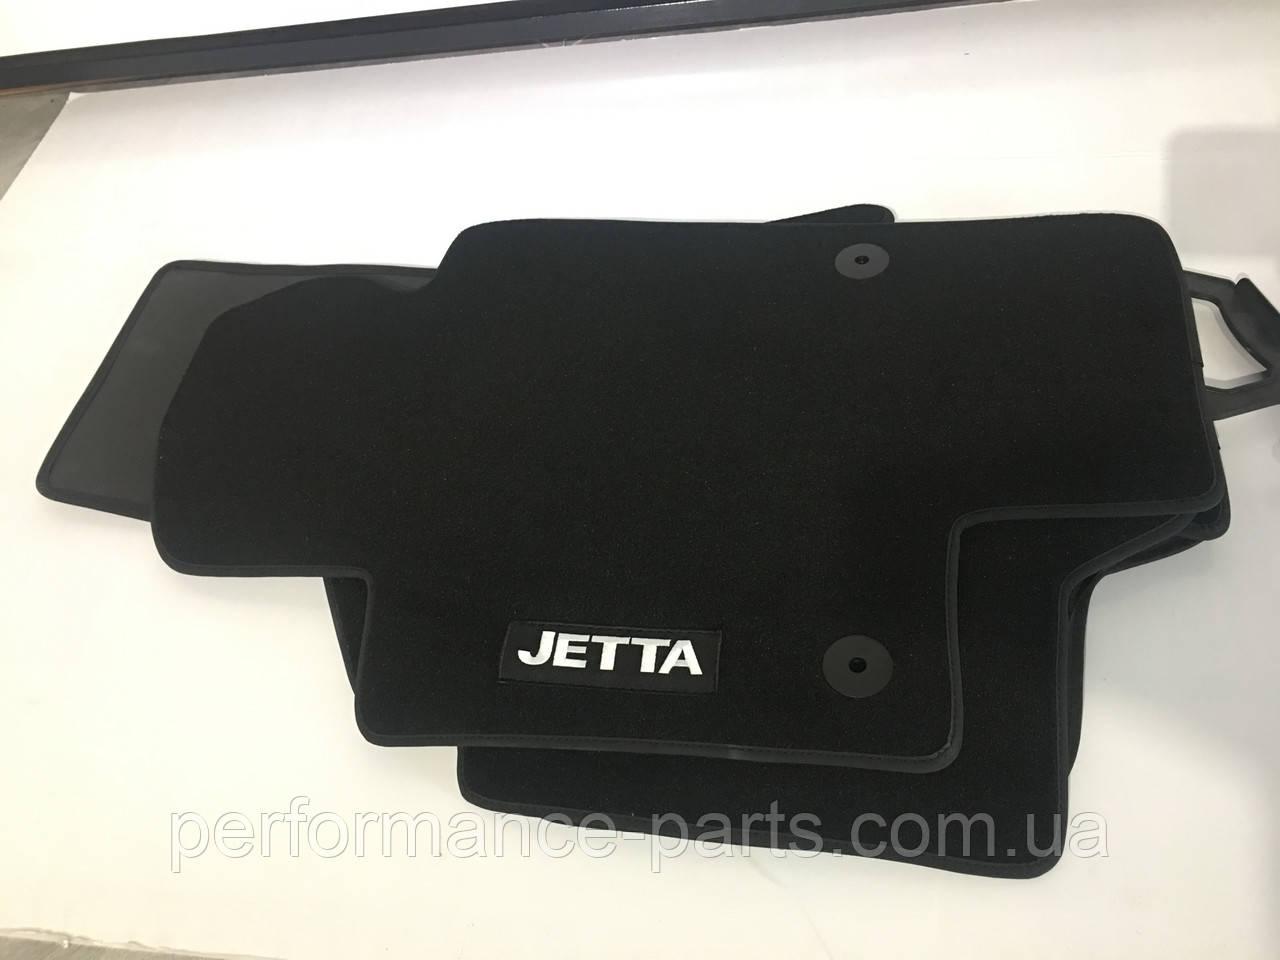 Комплект всесезонных ковриков Volkswagen Jetta SD 2010-